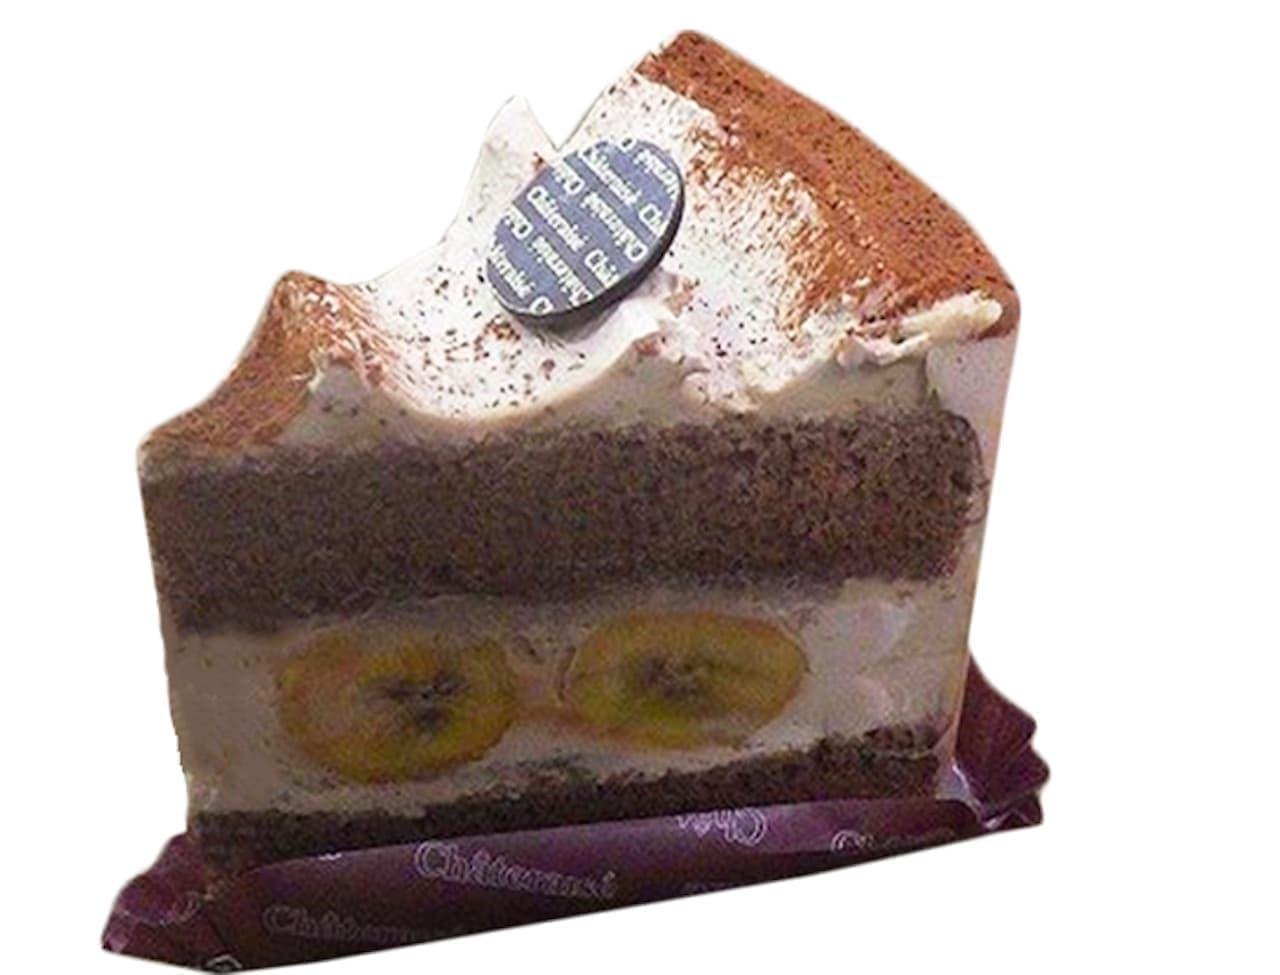 シャトレーゼ「甘熟王バナナ使用 パリパリチョコバナナケーキ」